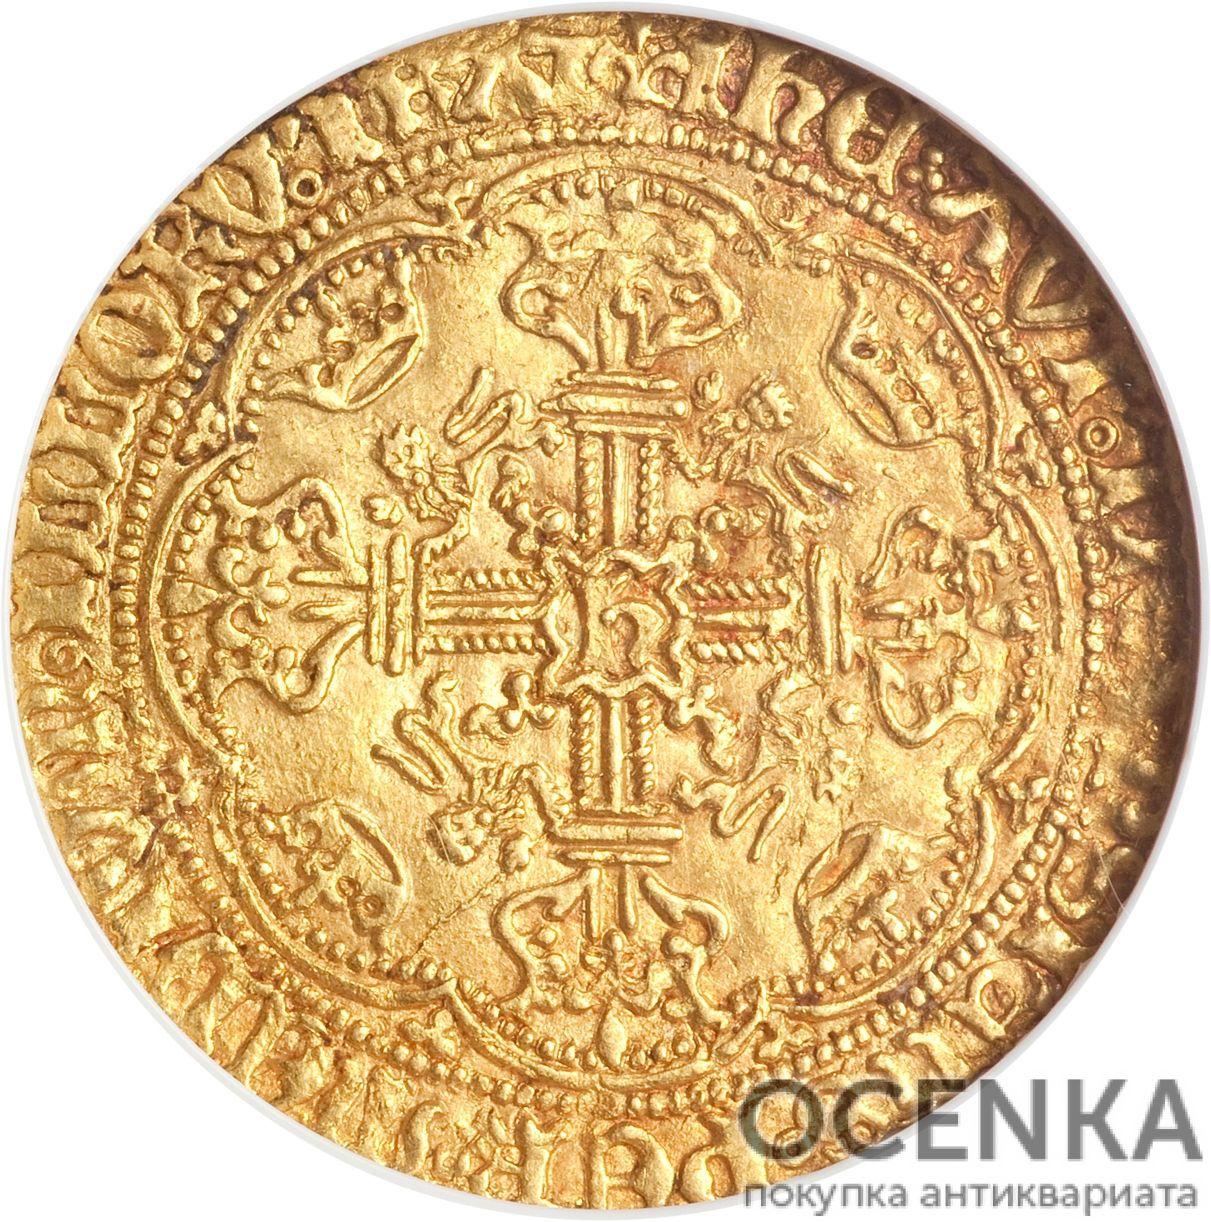 Золотая монета 1 Noble (нобль) Великобритания - 9